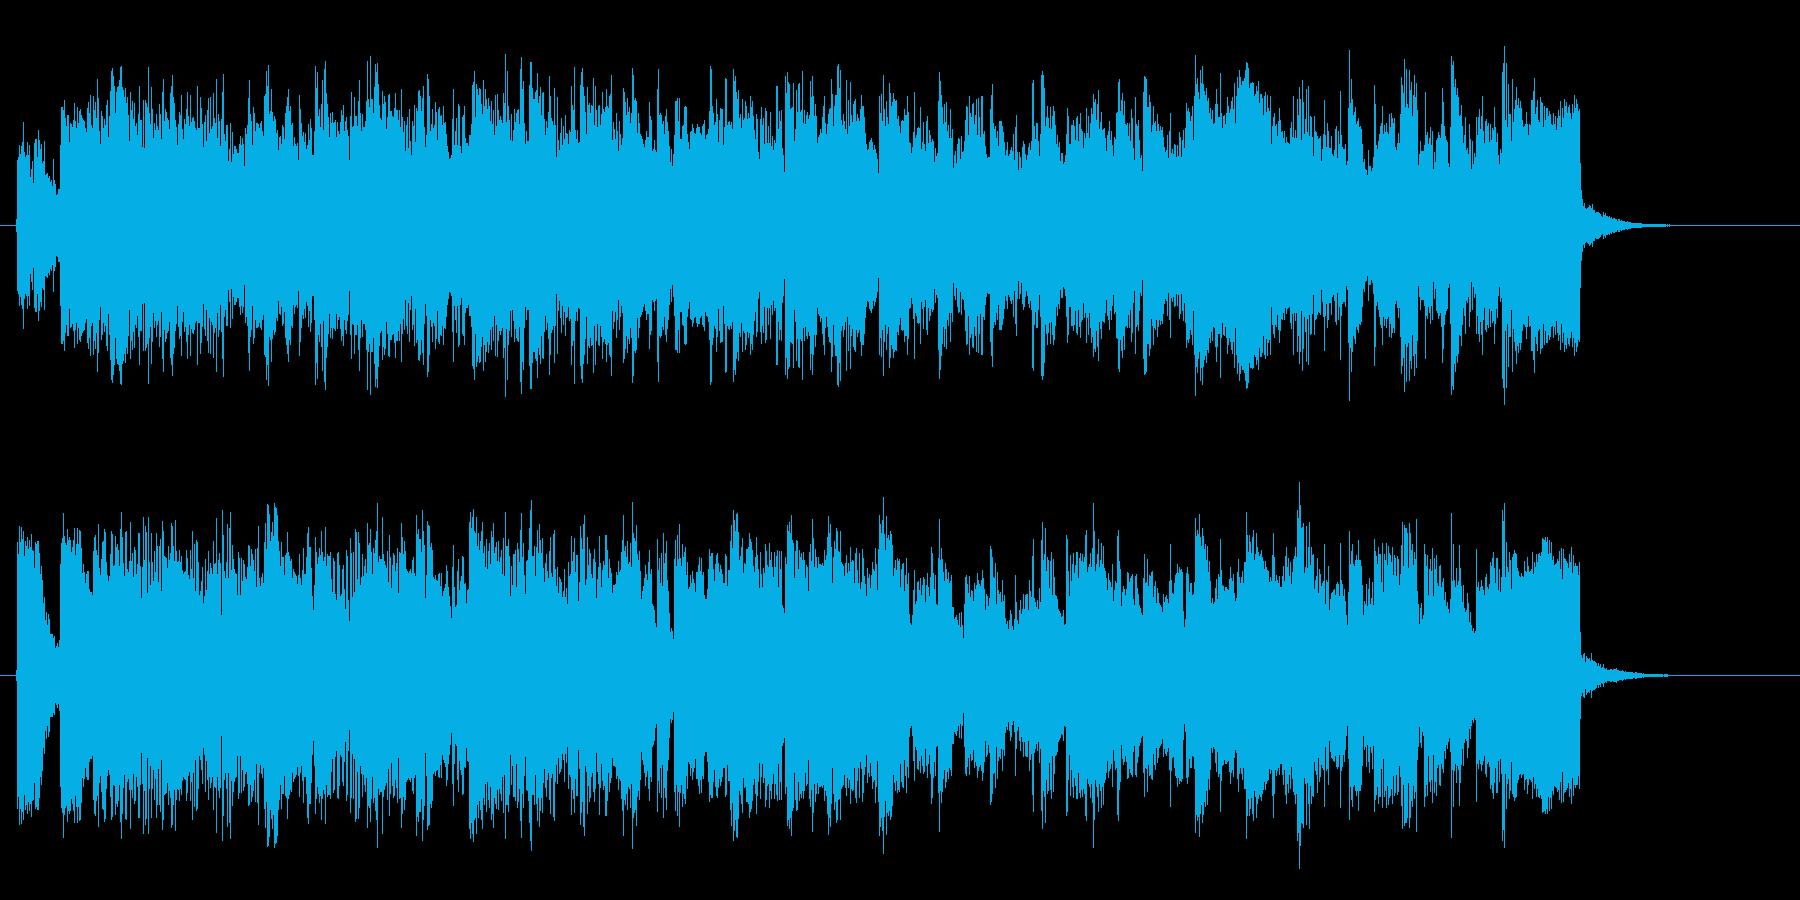 おしゃれなピアノバンドによるジングルの再生済みの波形